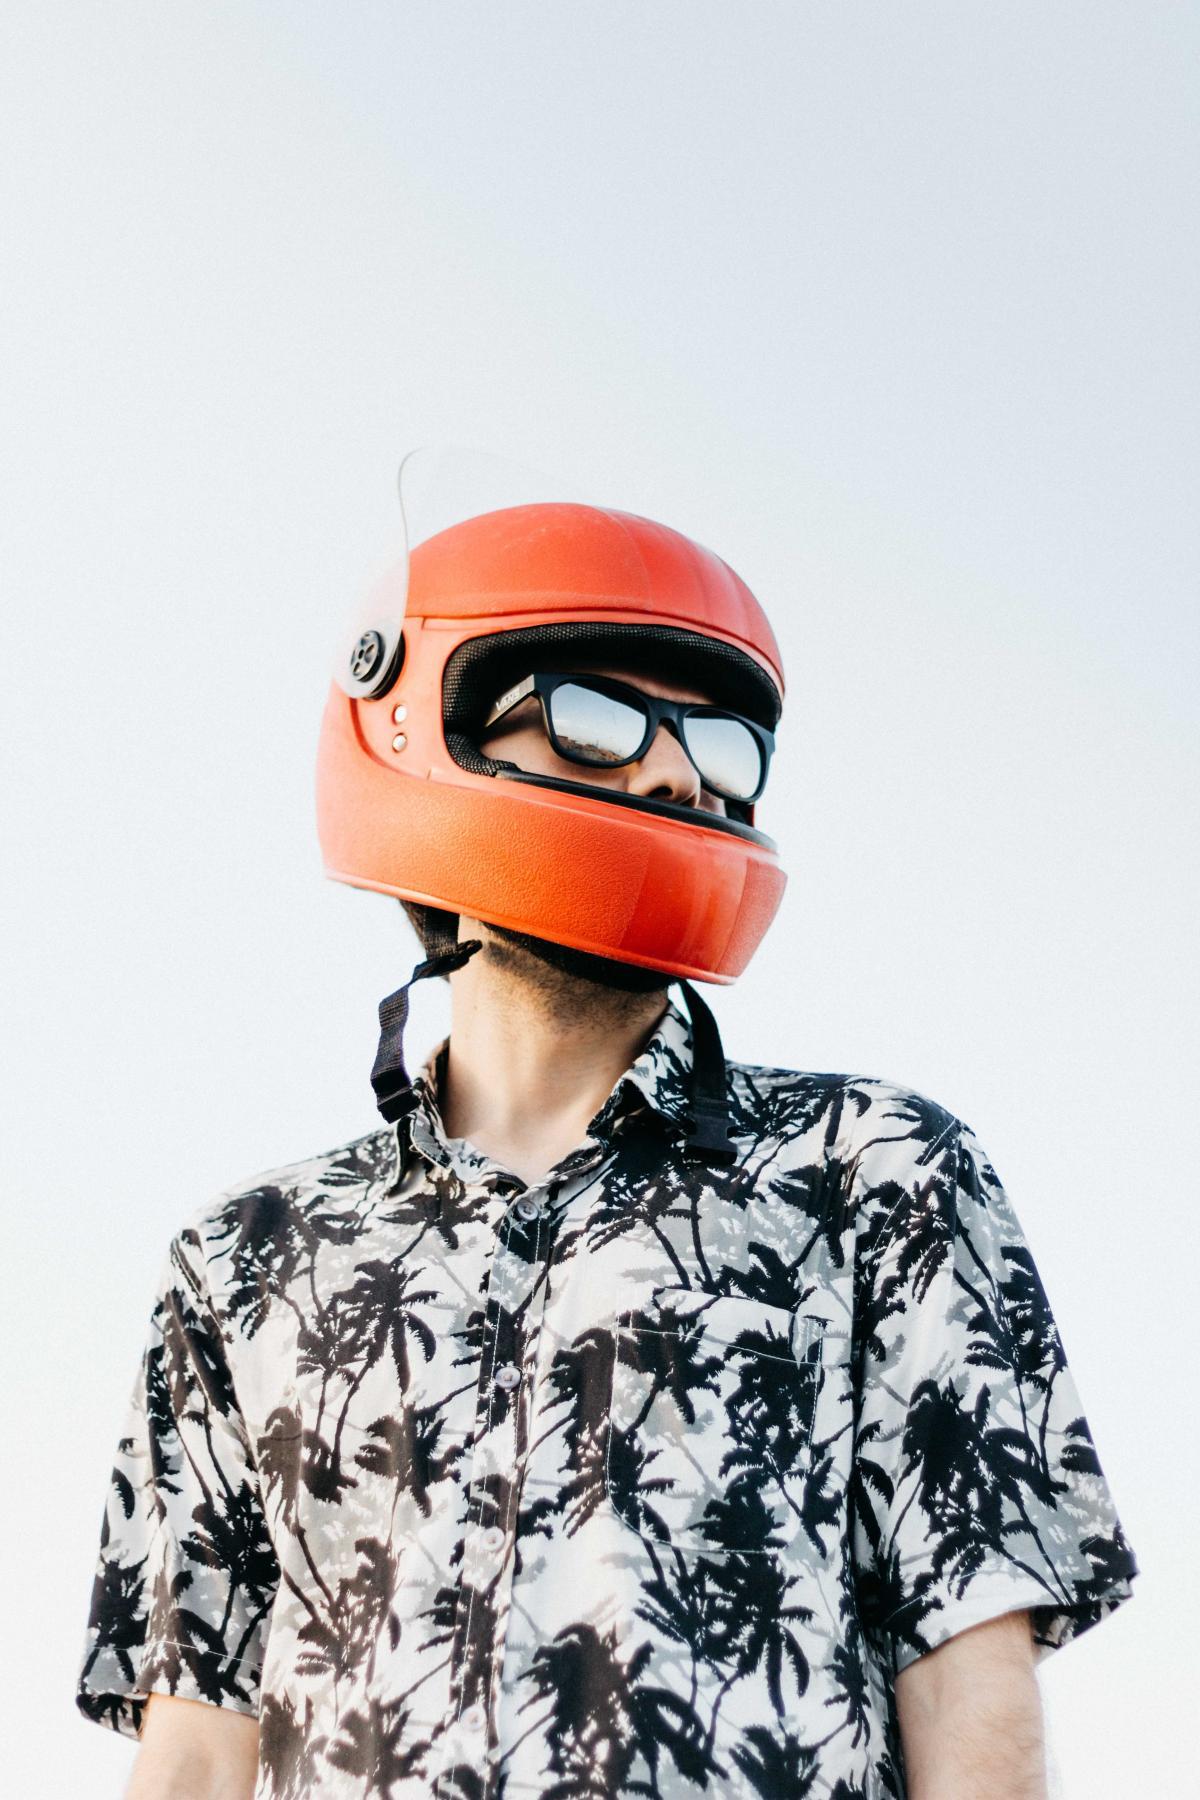 Crash helmet Helmet Headdress